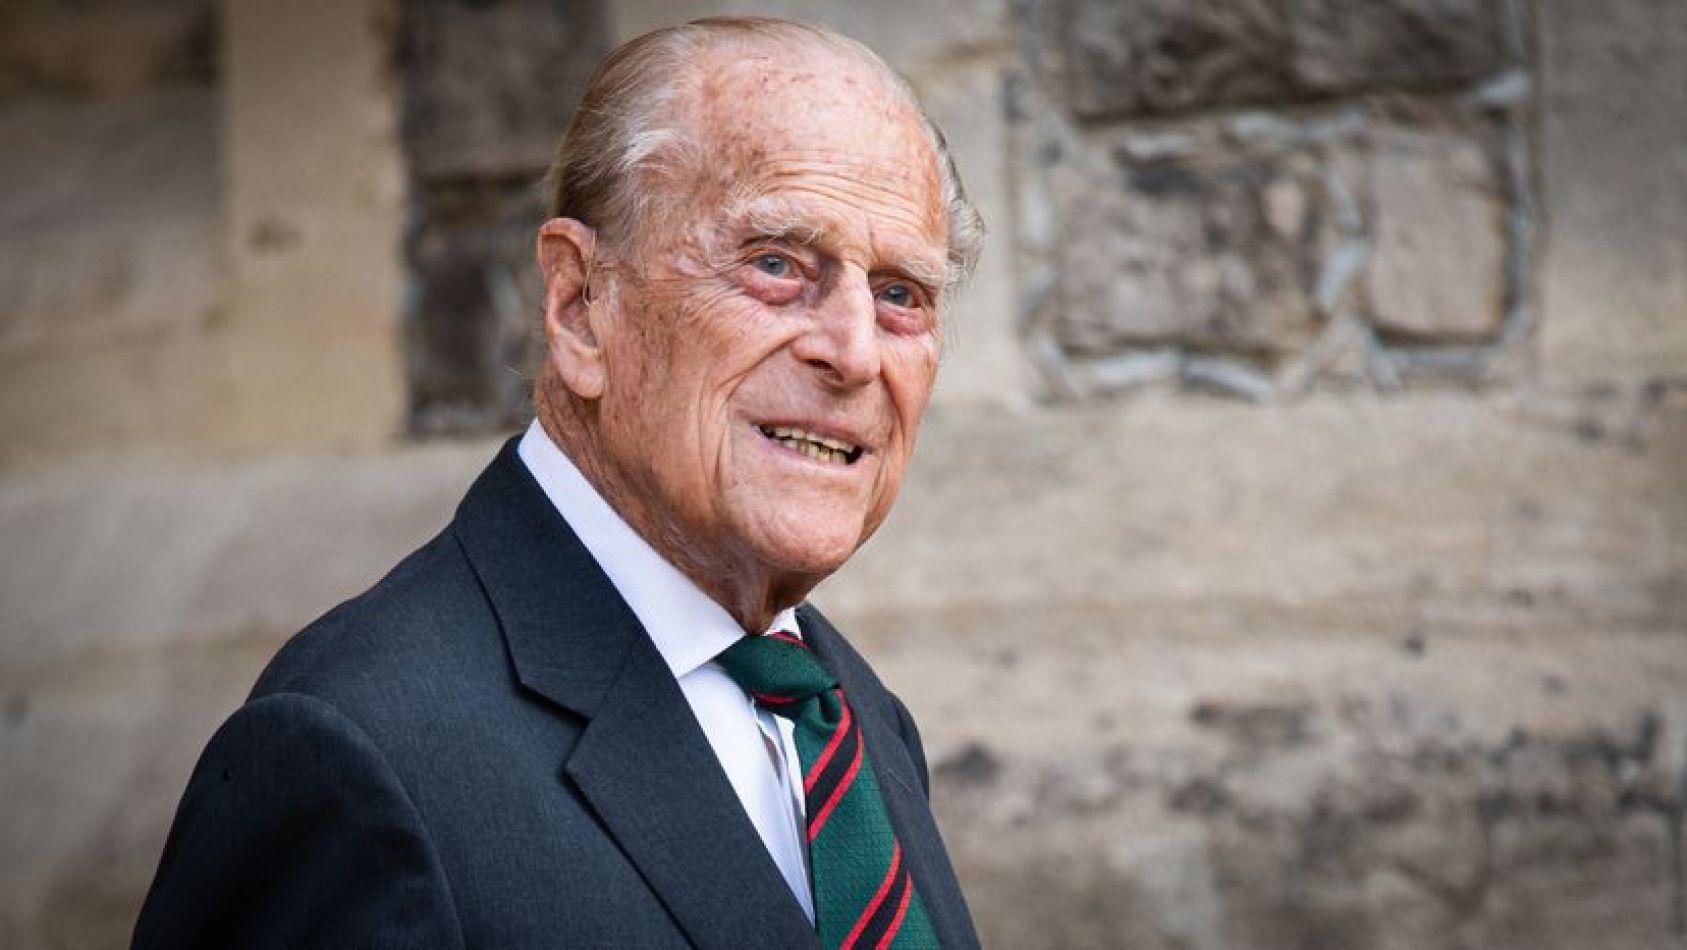 Muere el príncipe Felipe de Edimburgo a los 99 años